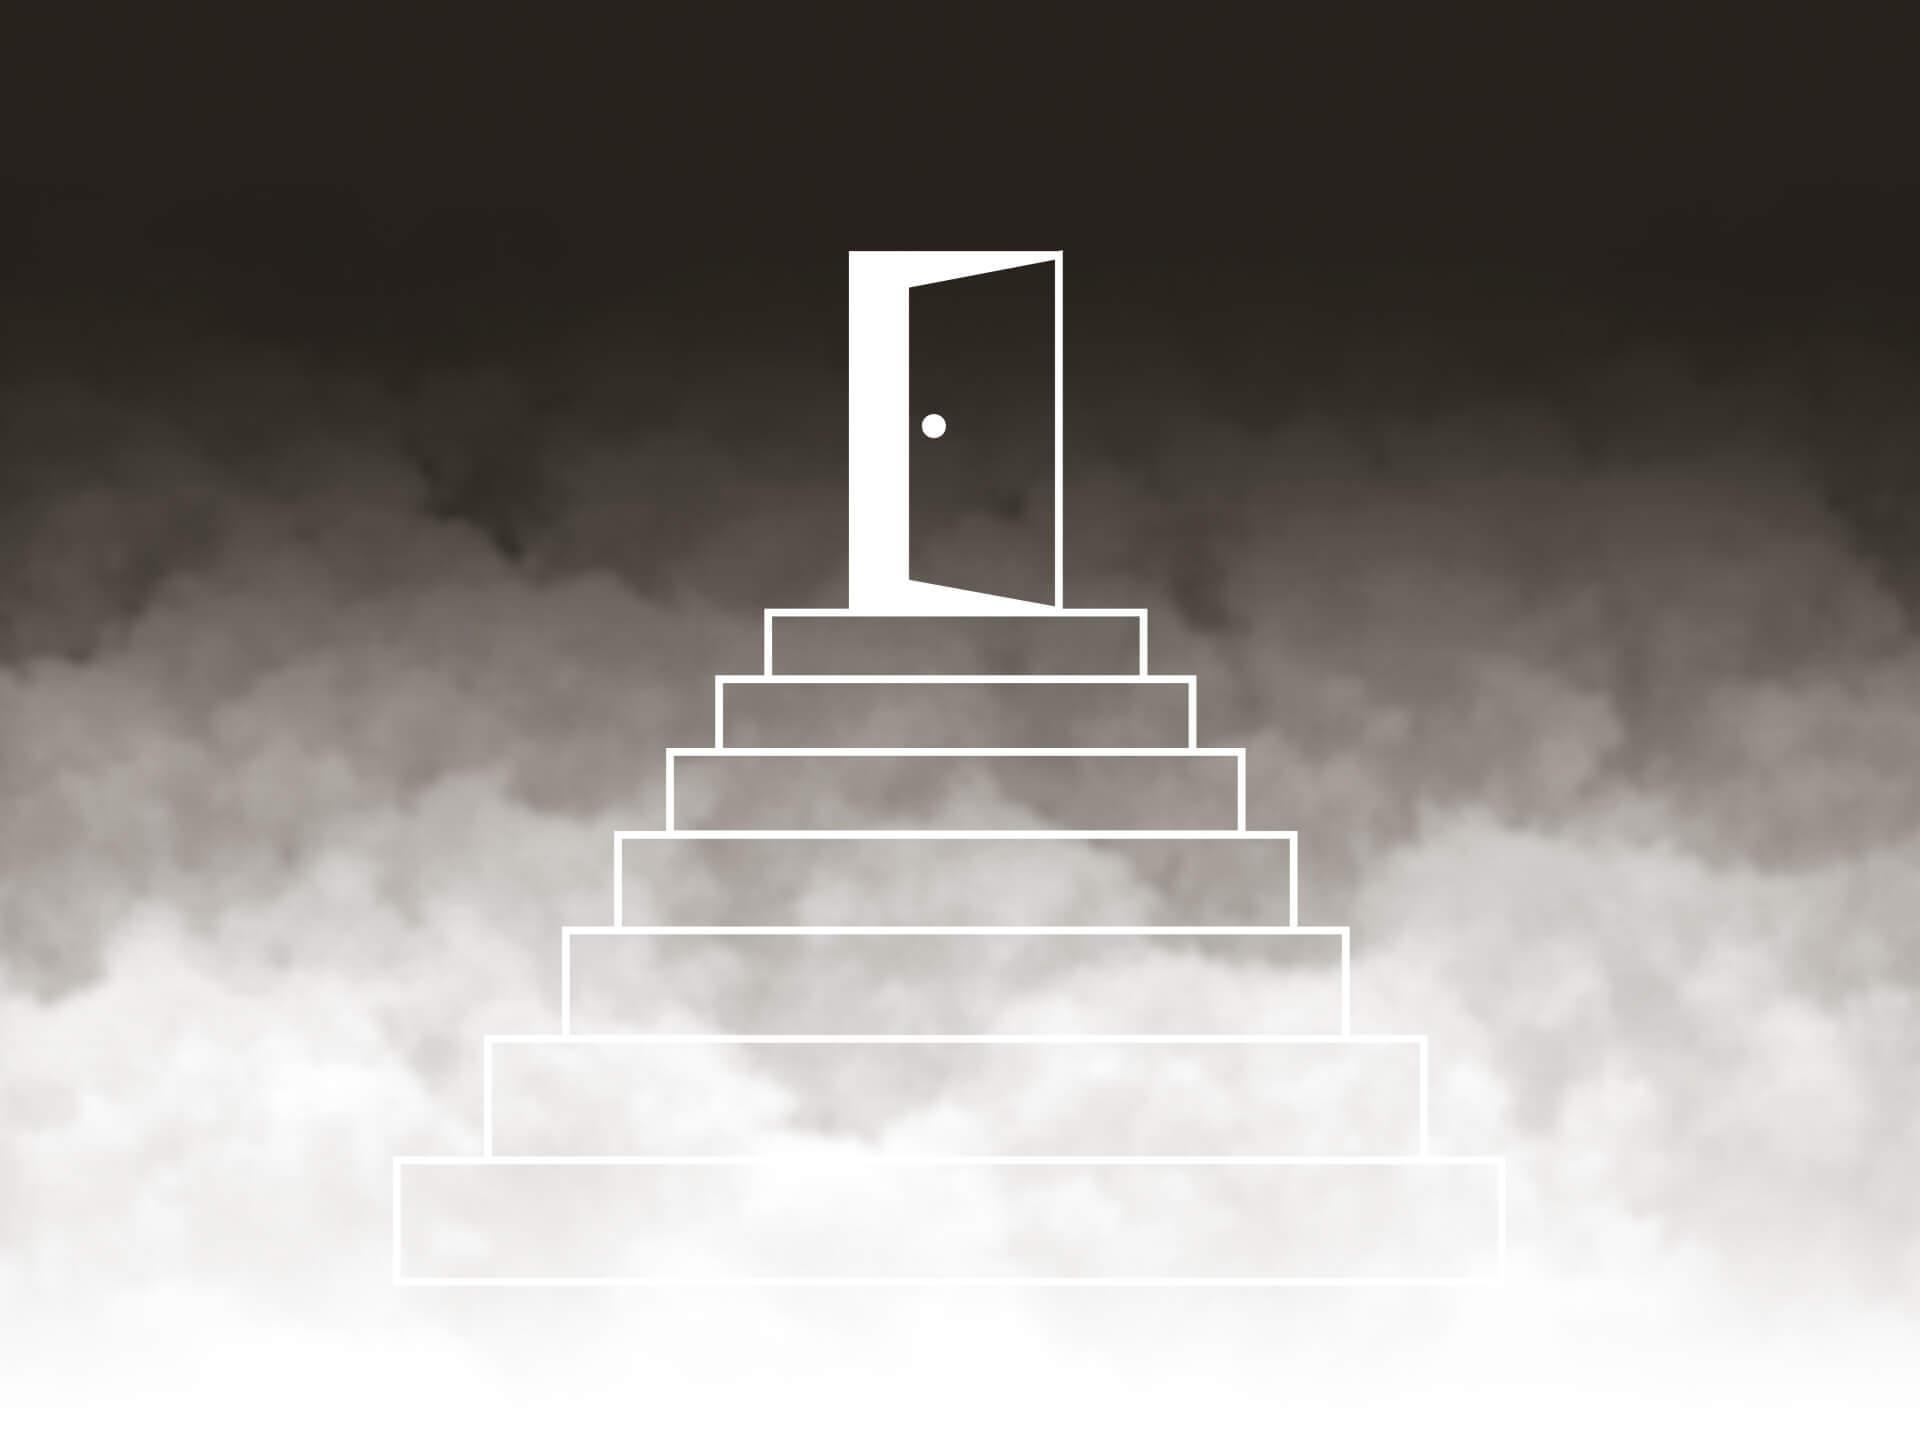 健全なアプローチ可能な未上場企業一覧とは?